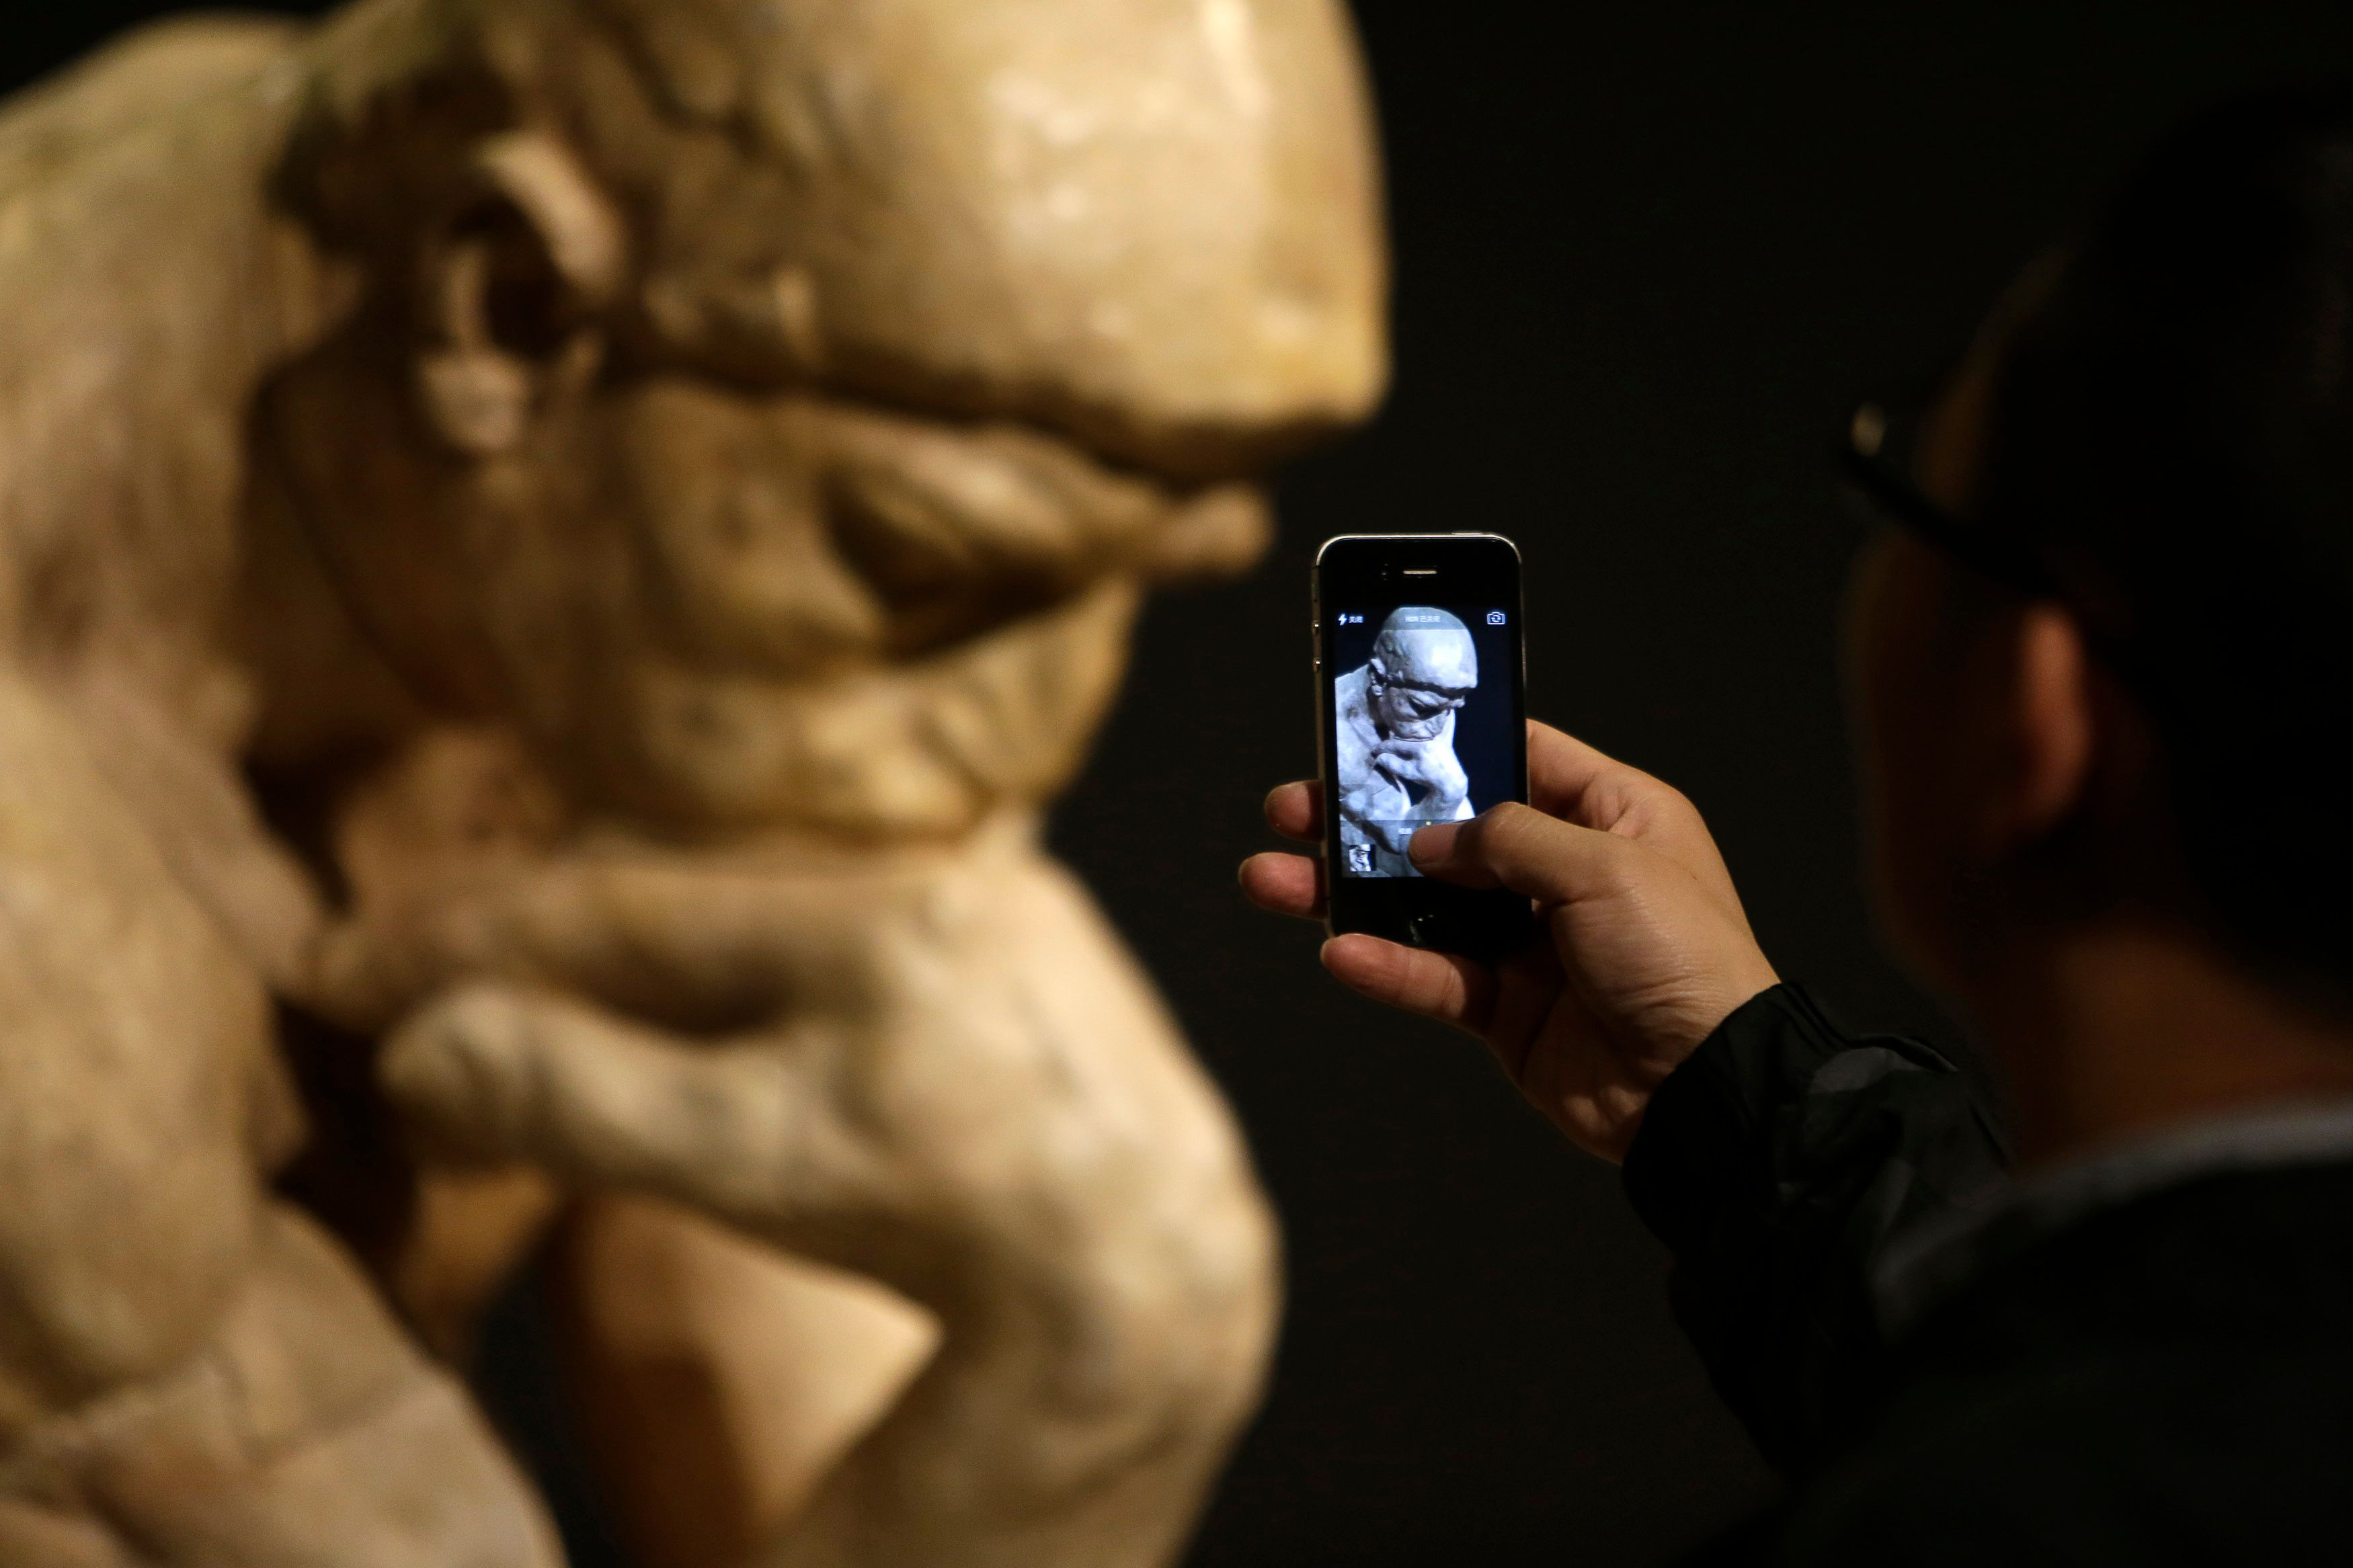 le libéralisme doit plus que jamais se (re)poser la question de ce qu'est l'Homme (sculpture de Rodin ici en illustration).